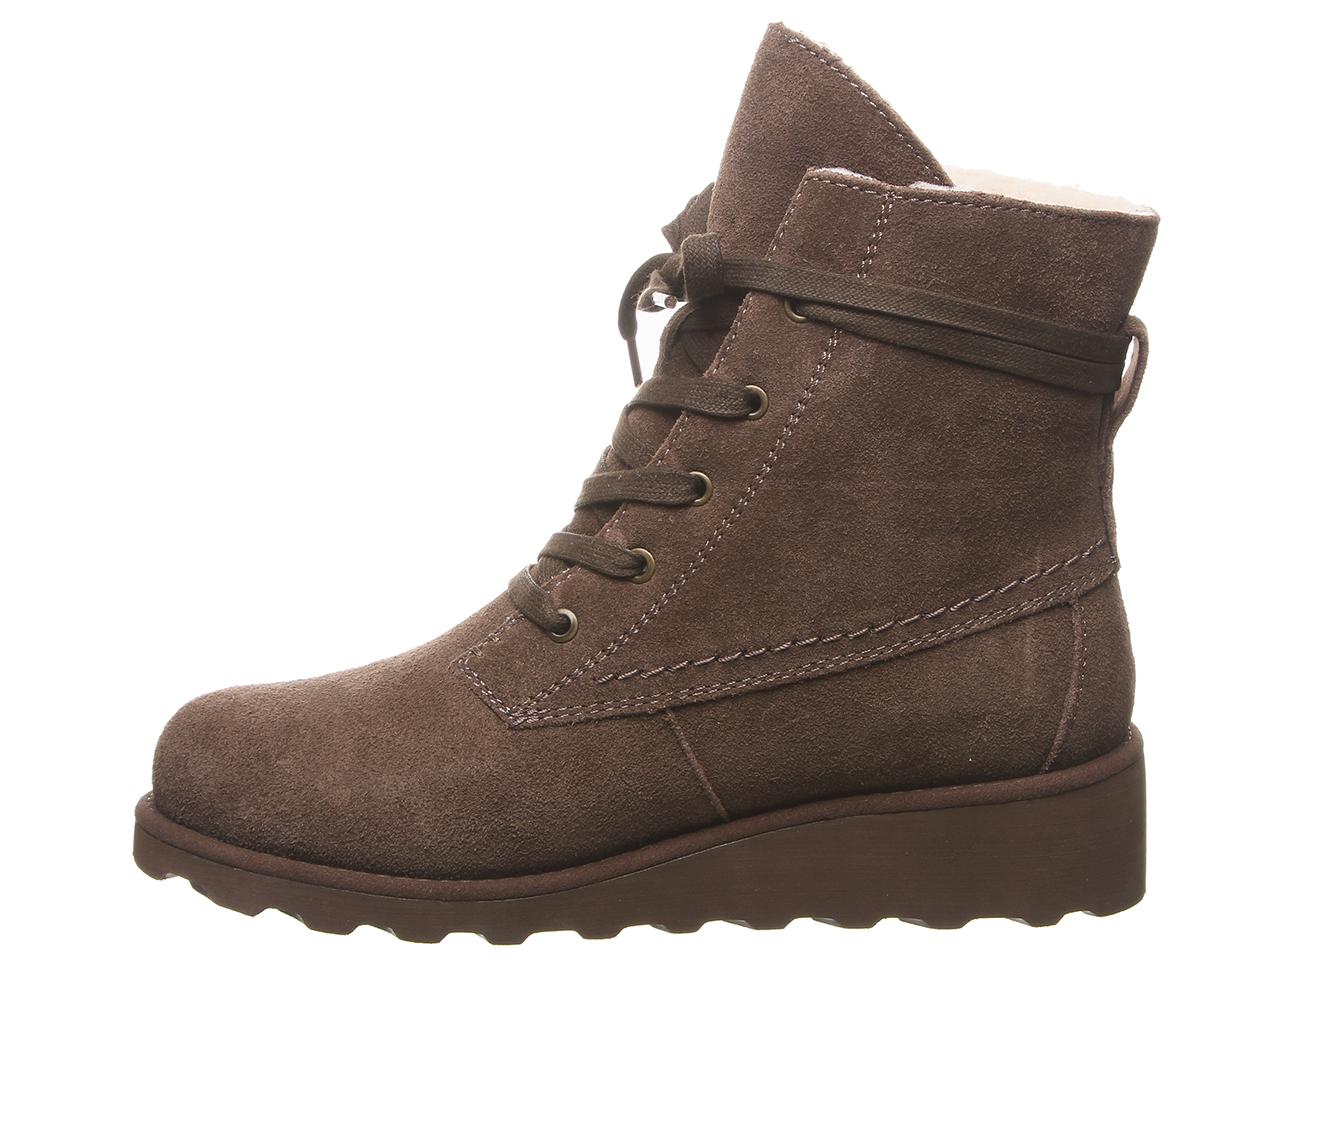 Bearpaw Krista Wide Width Boots